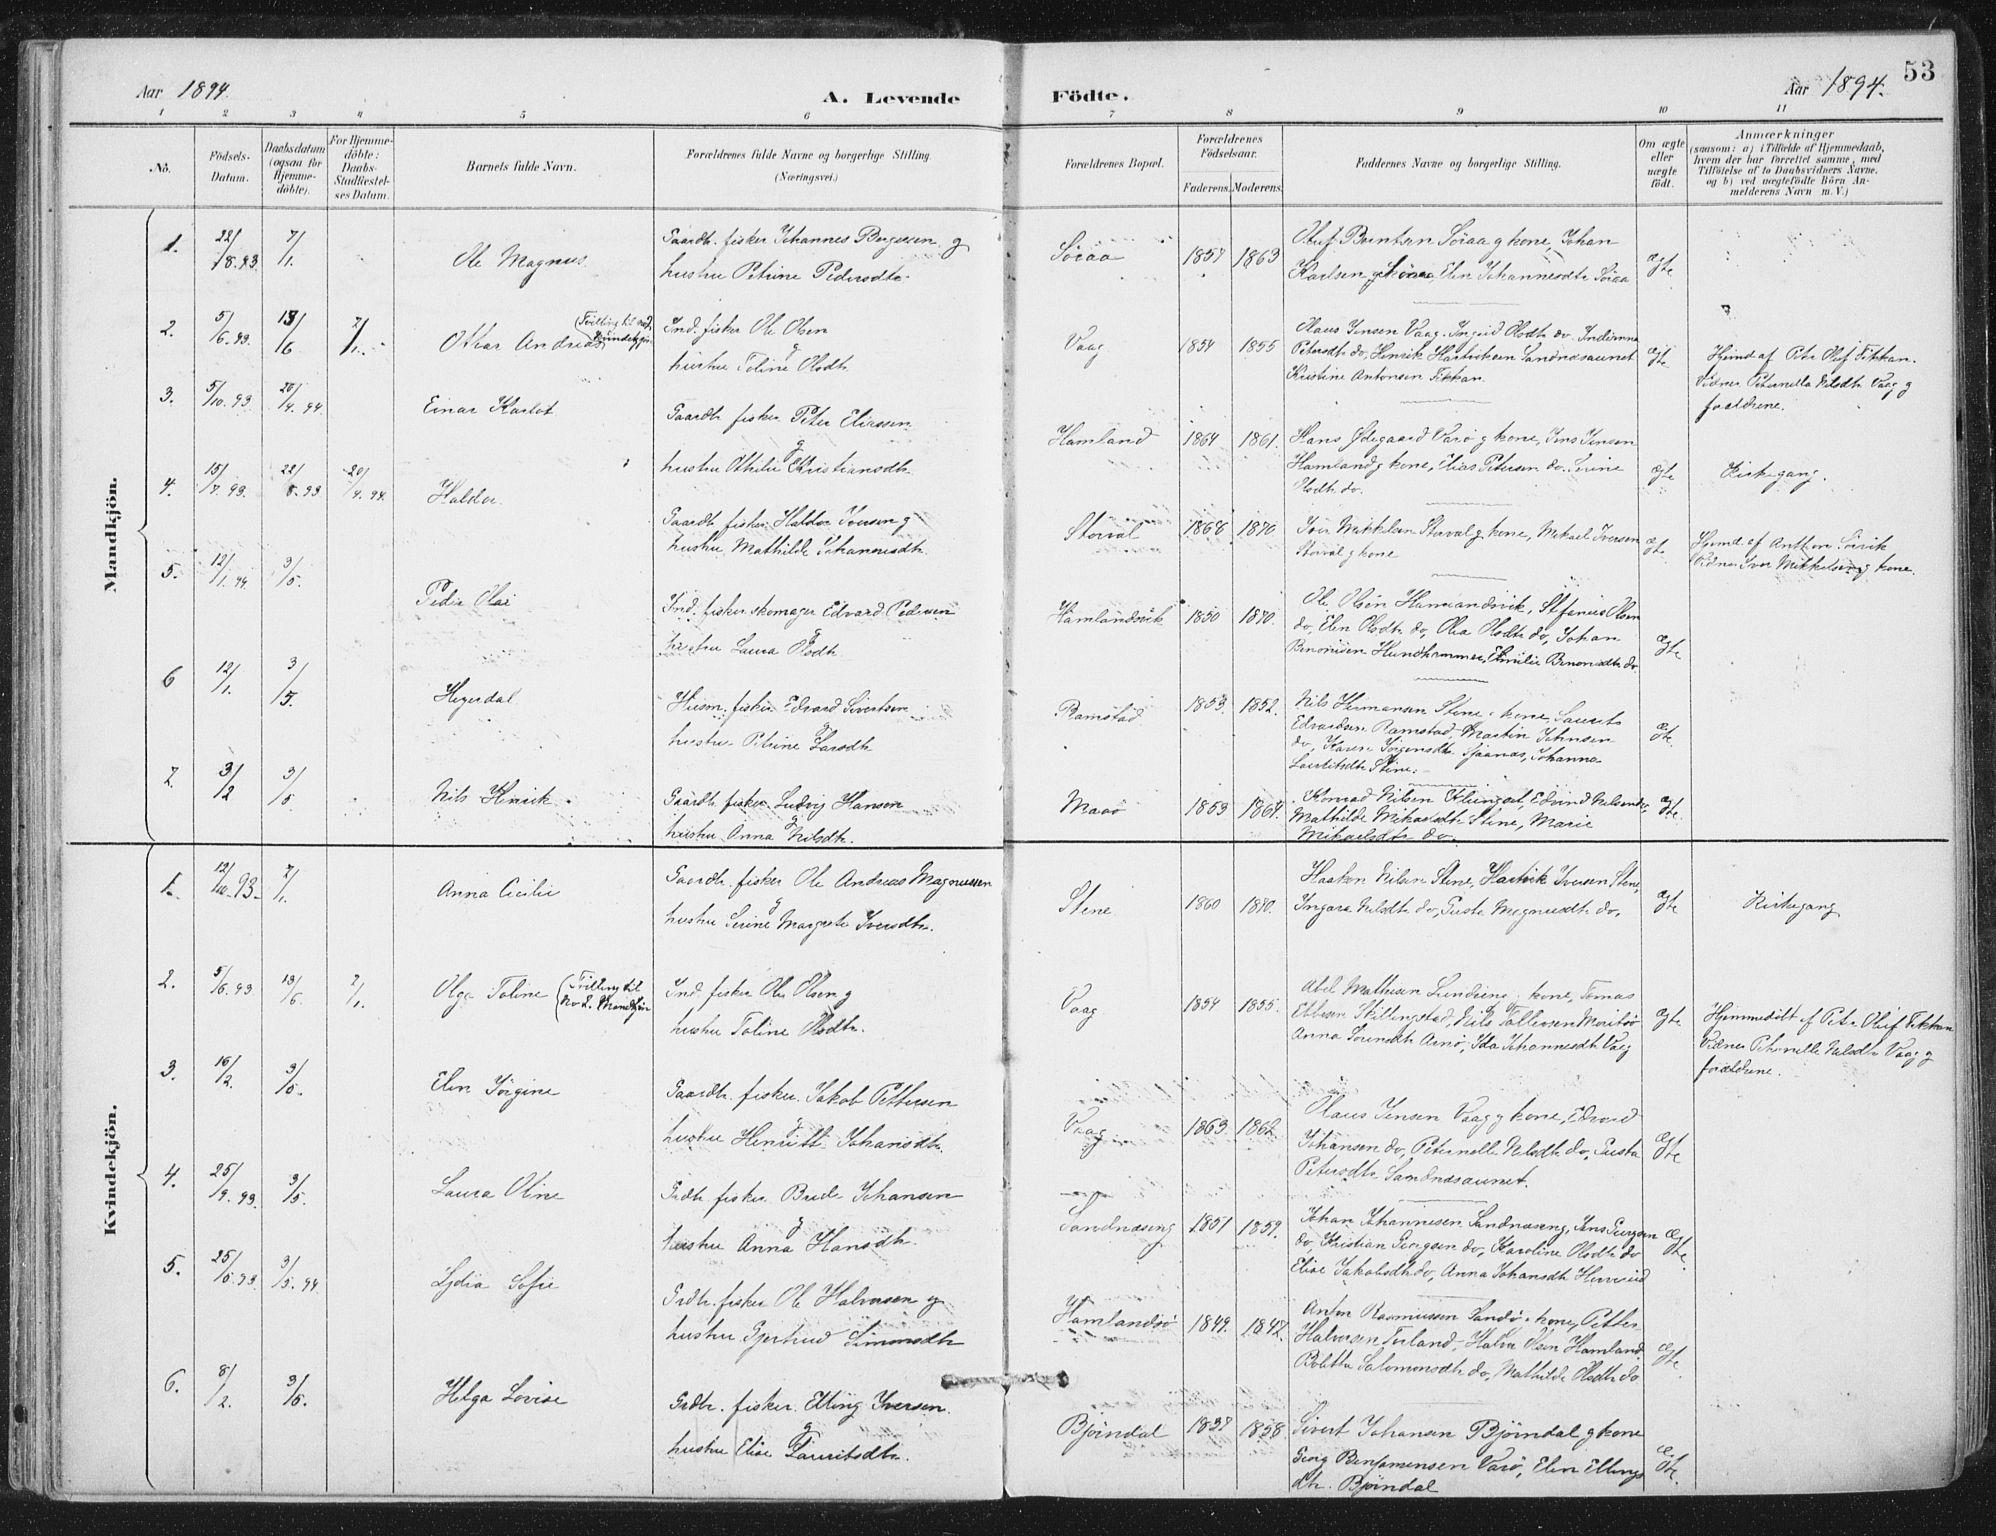 SAT, Ministerialprotokoller, klokkerbøker og fødselsregistre - Nord-Trøndelag, 784/L0673: Ministerialbok nr. 784A08, 1888-1899, s. 53